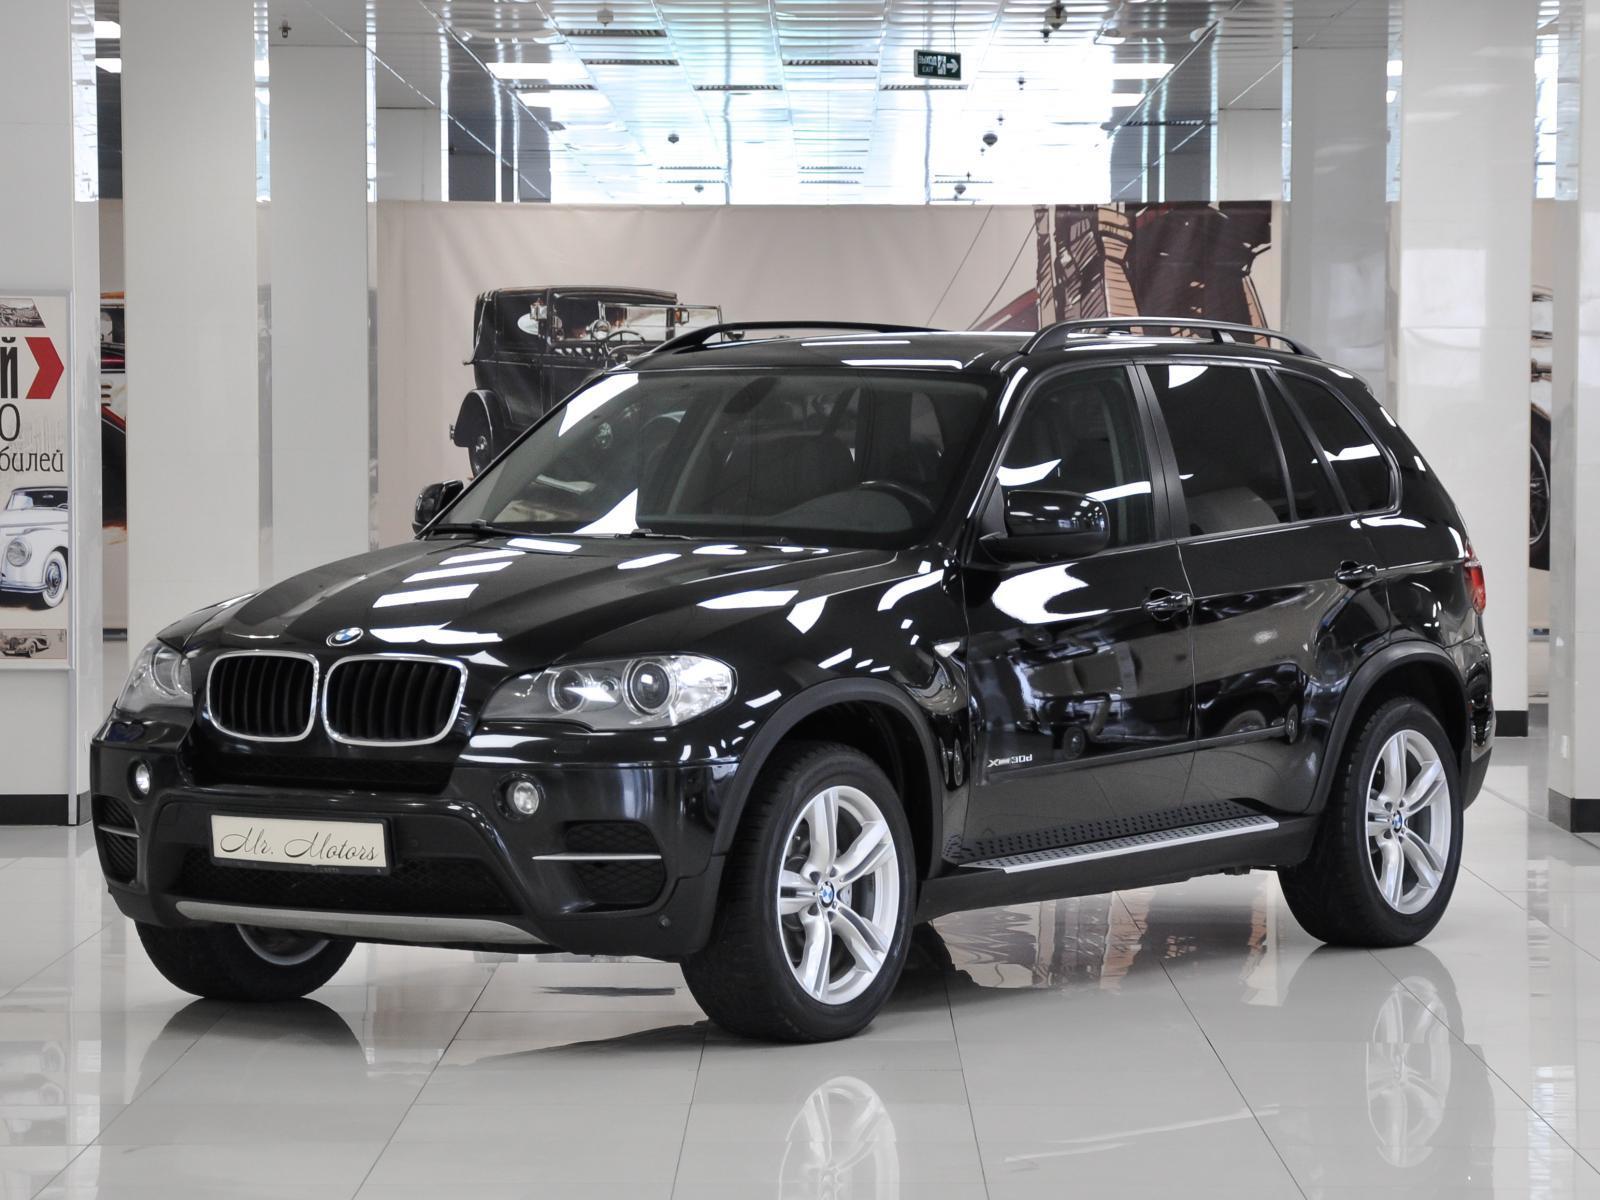 BMW X5 с пробегом в Москве. Автомобильная компания Mr.Motors